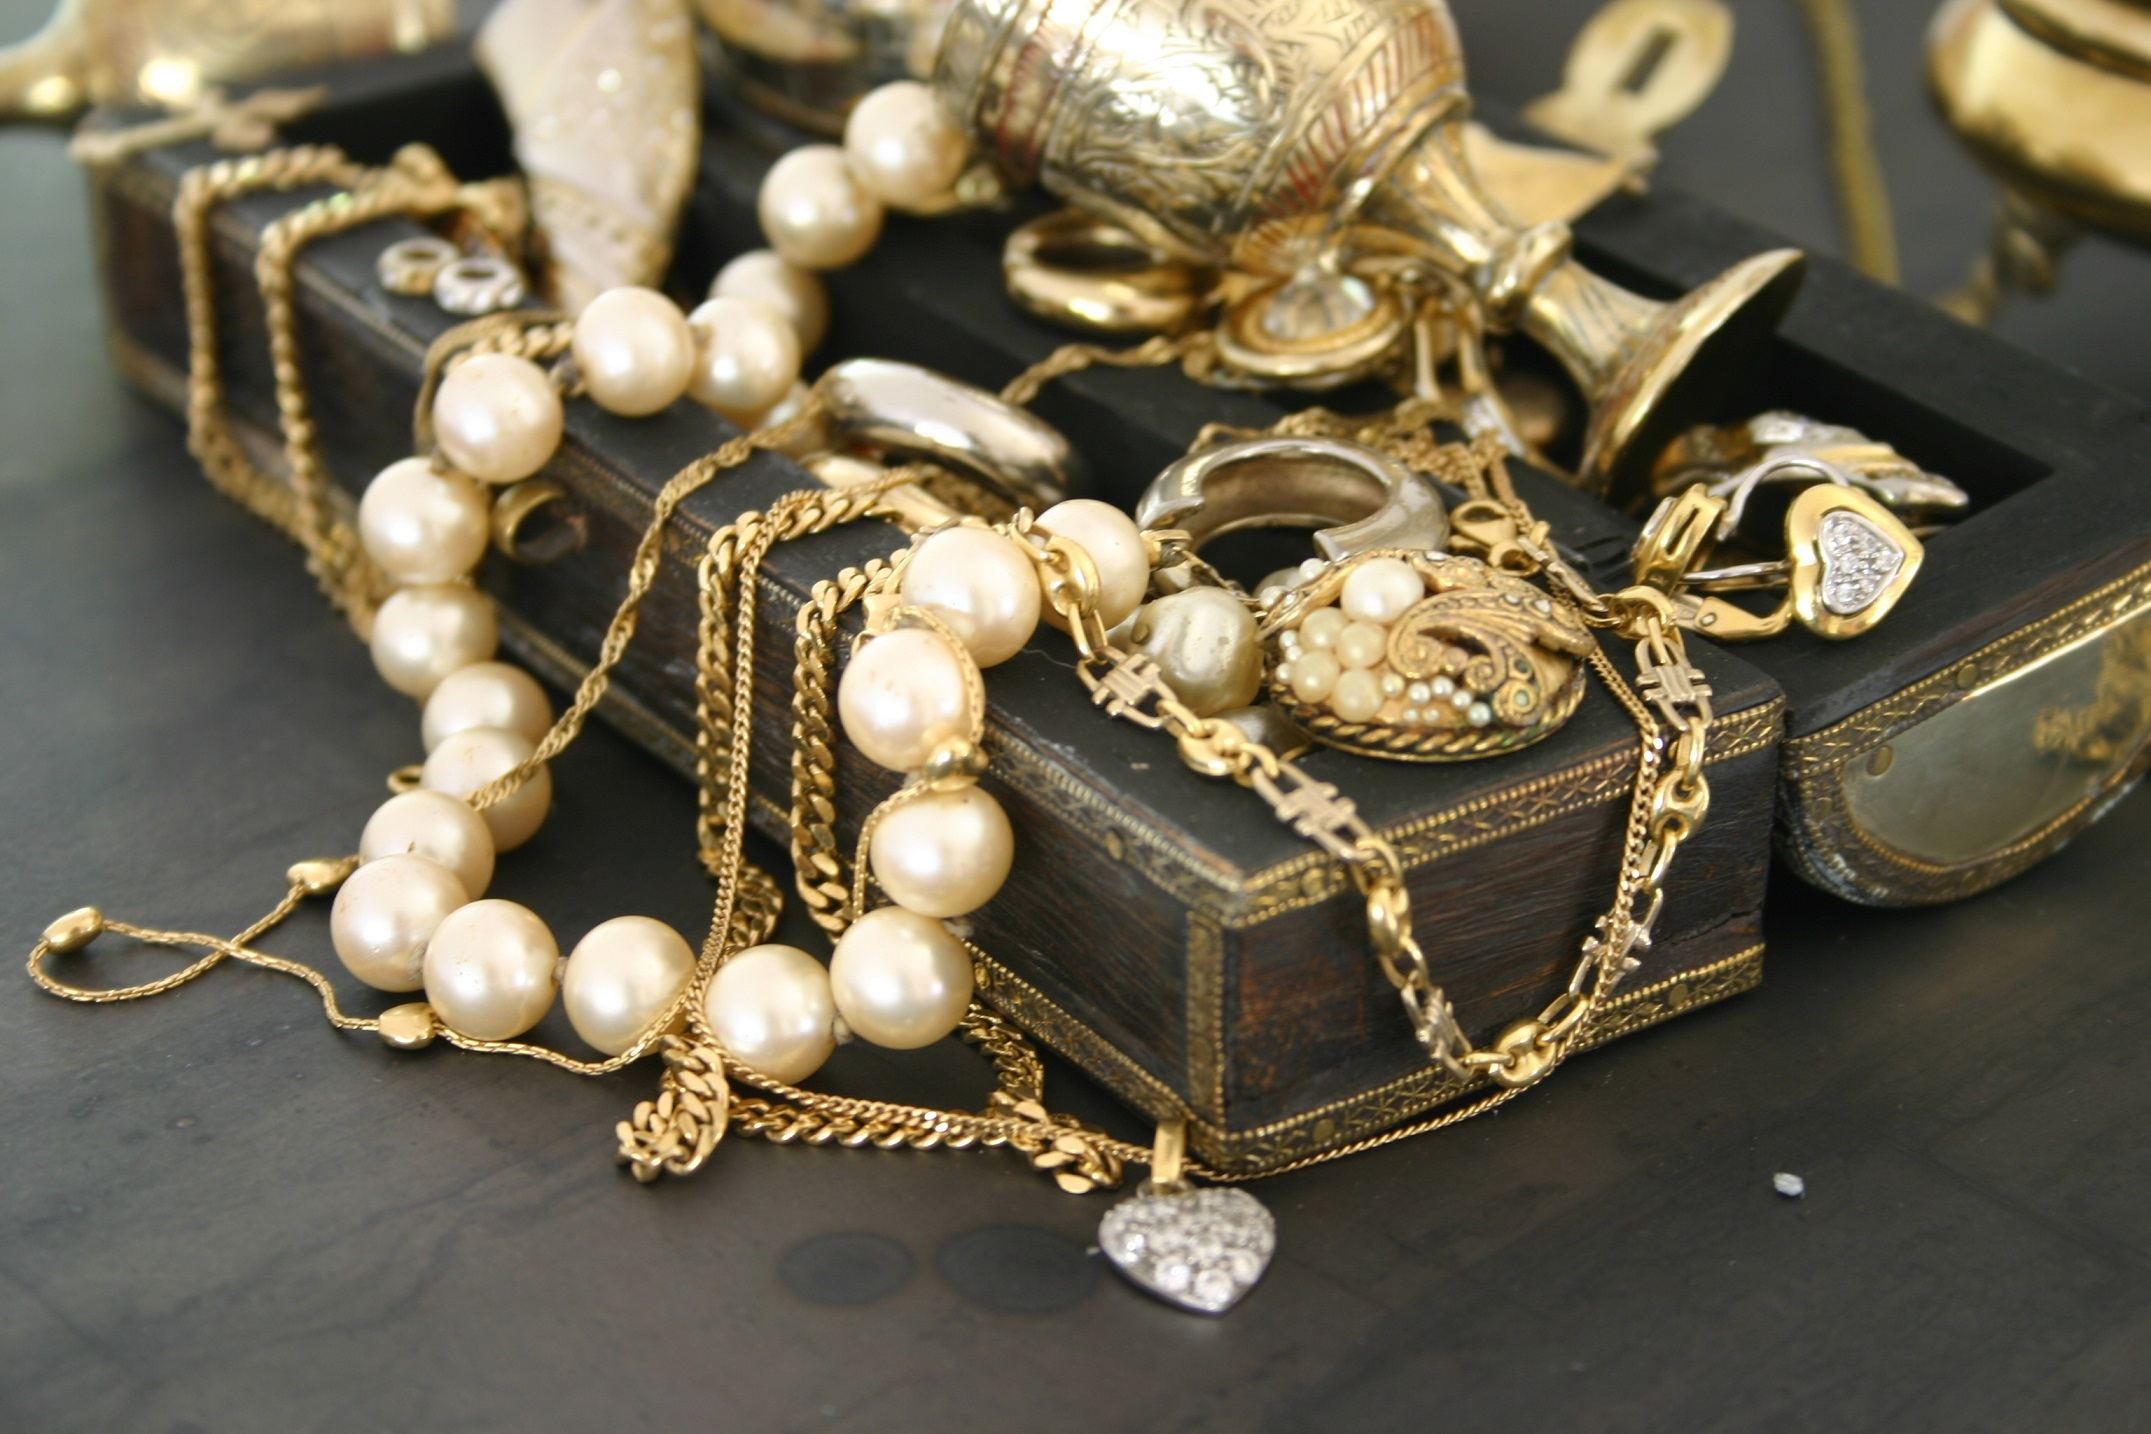 Jewelry vintage